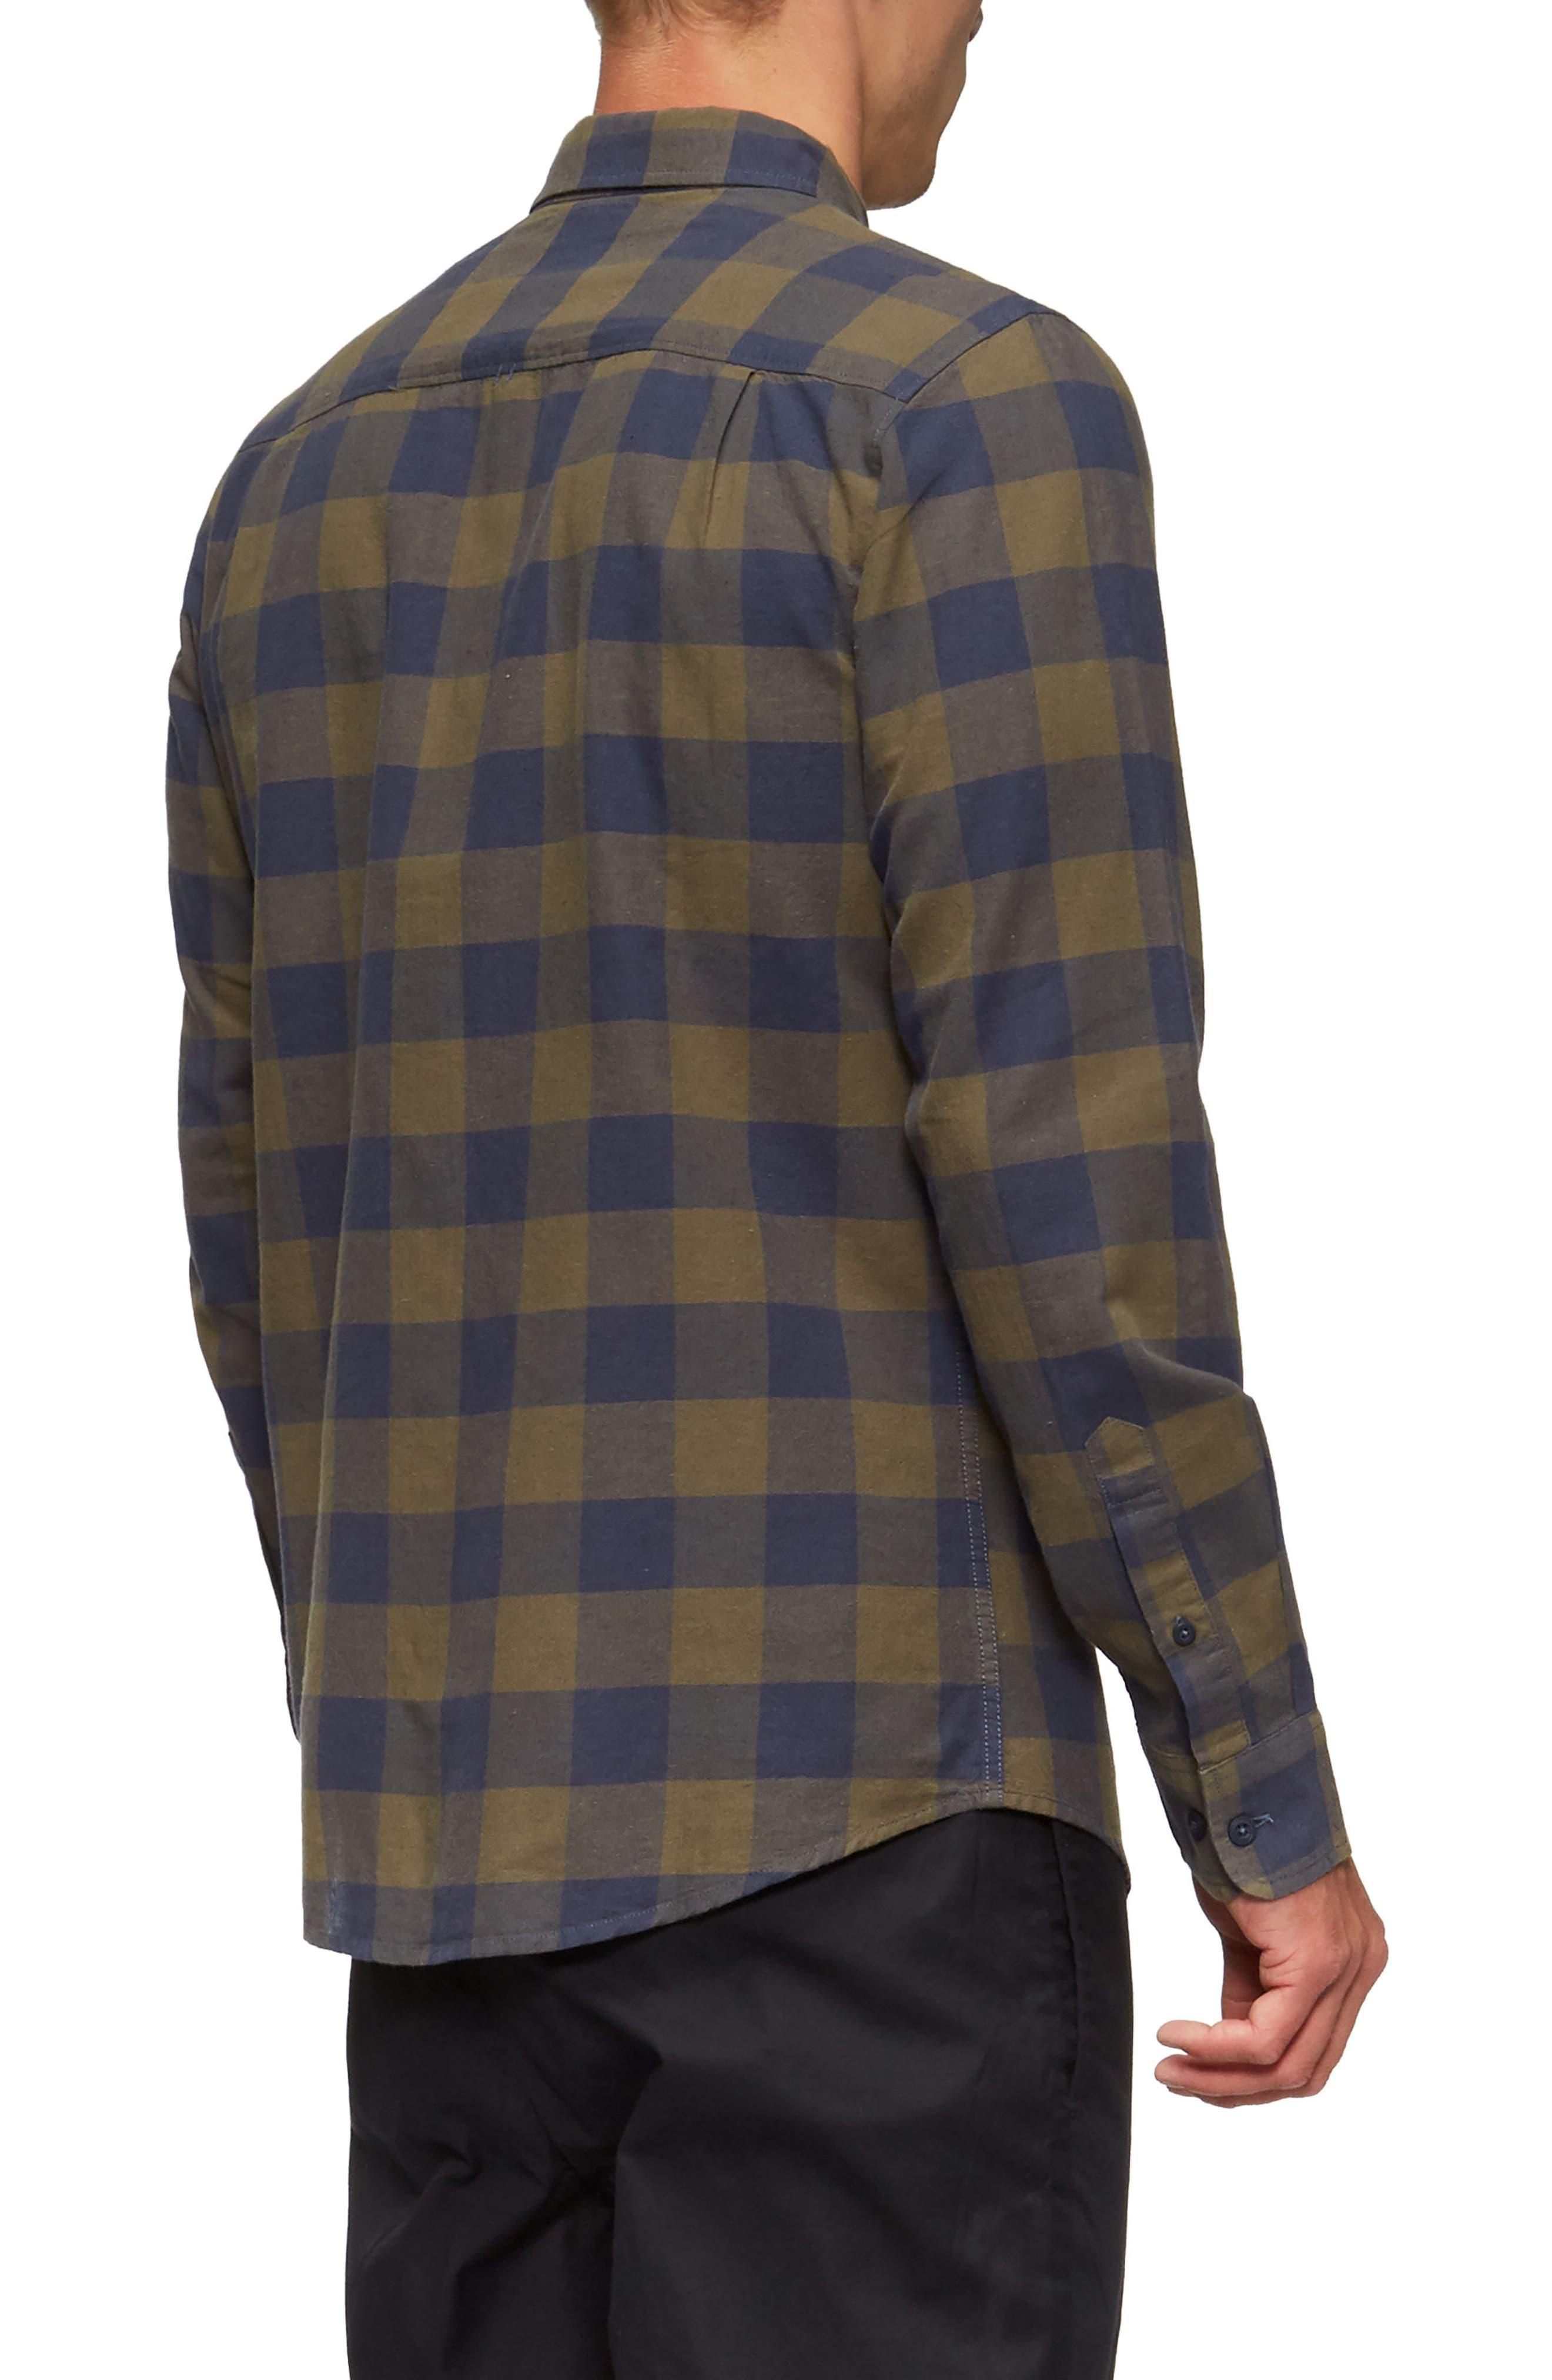 Cohen Long-Sleeve Shirt,                             Alternate thumbnail 2, color,                             457